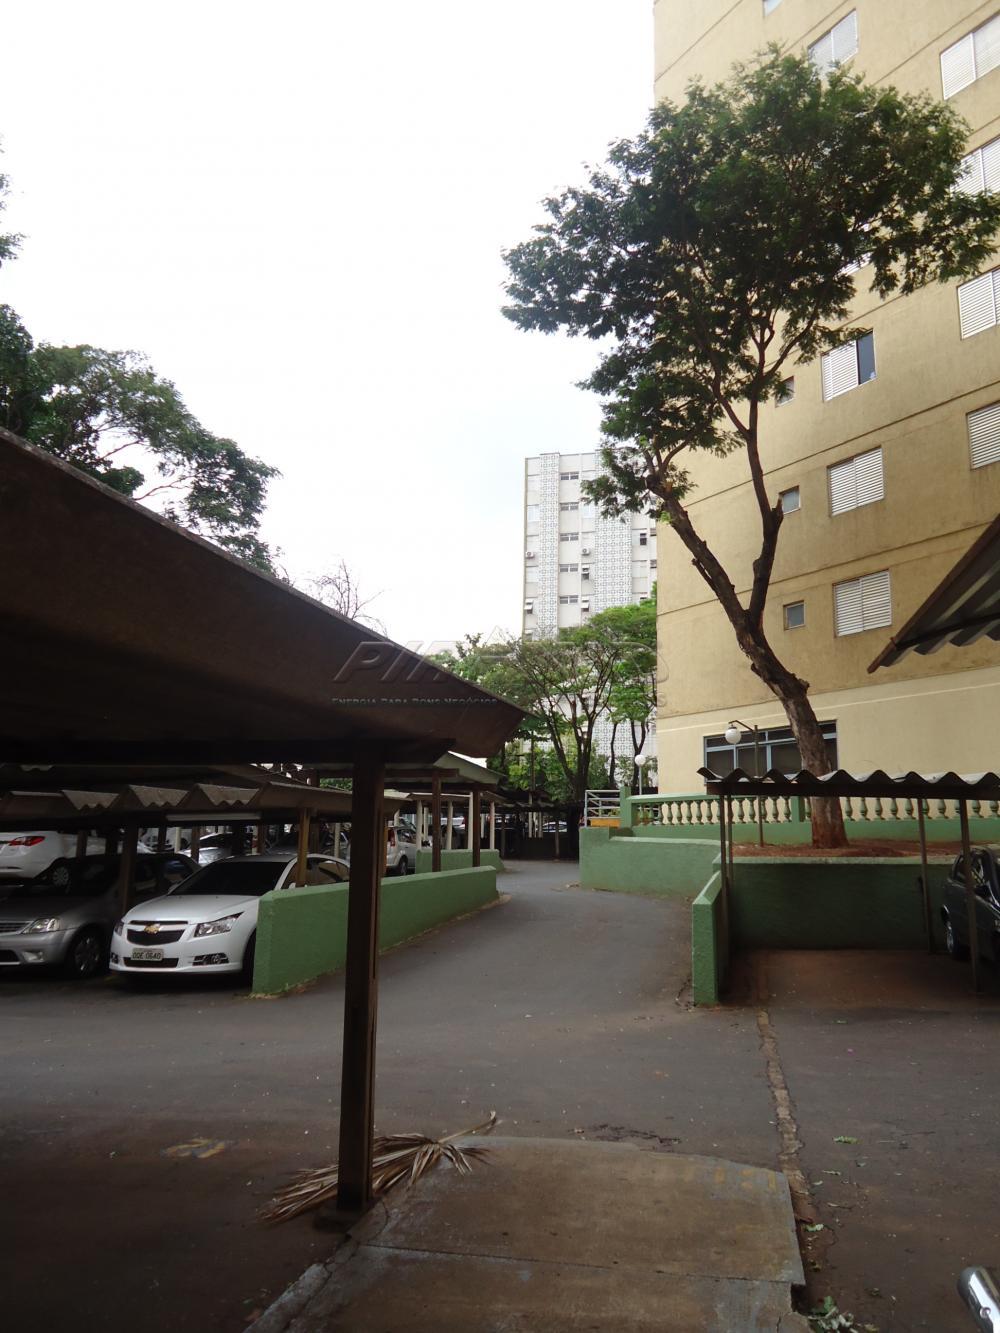 Comprar Apartamento / Padrão em Ribeirão Preto R$ 190.000,00 - Foto 20